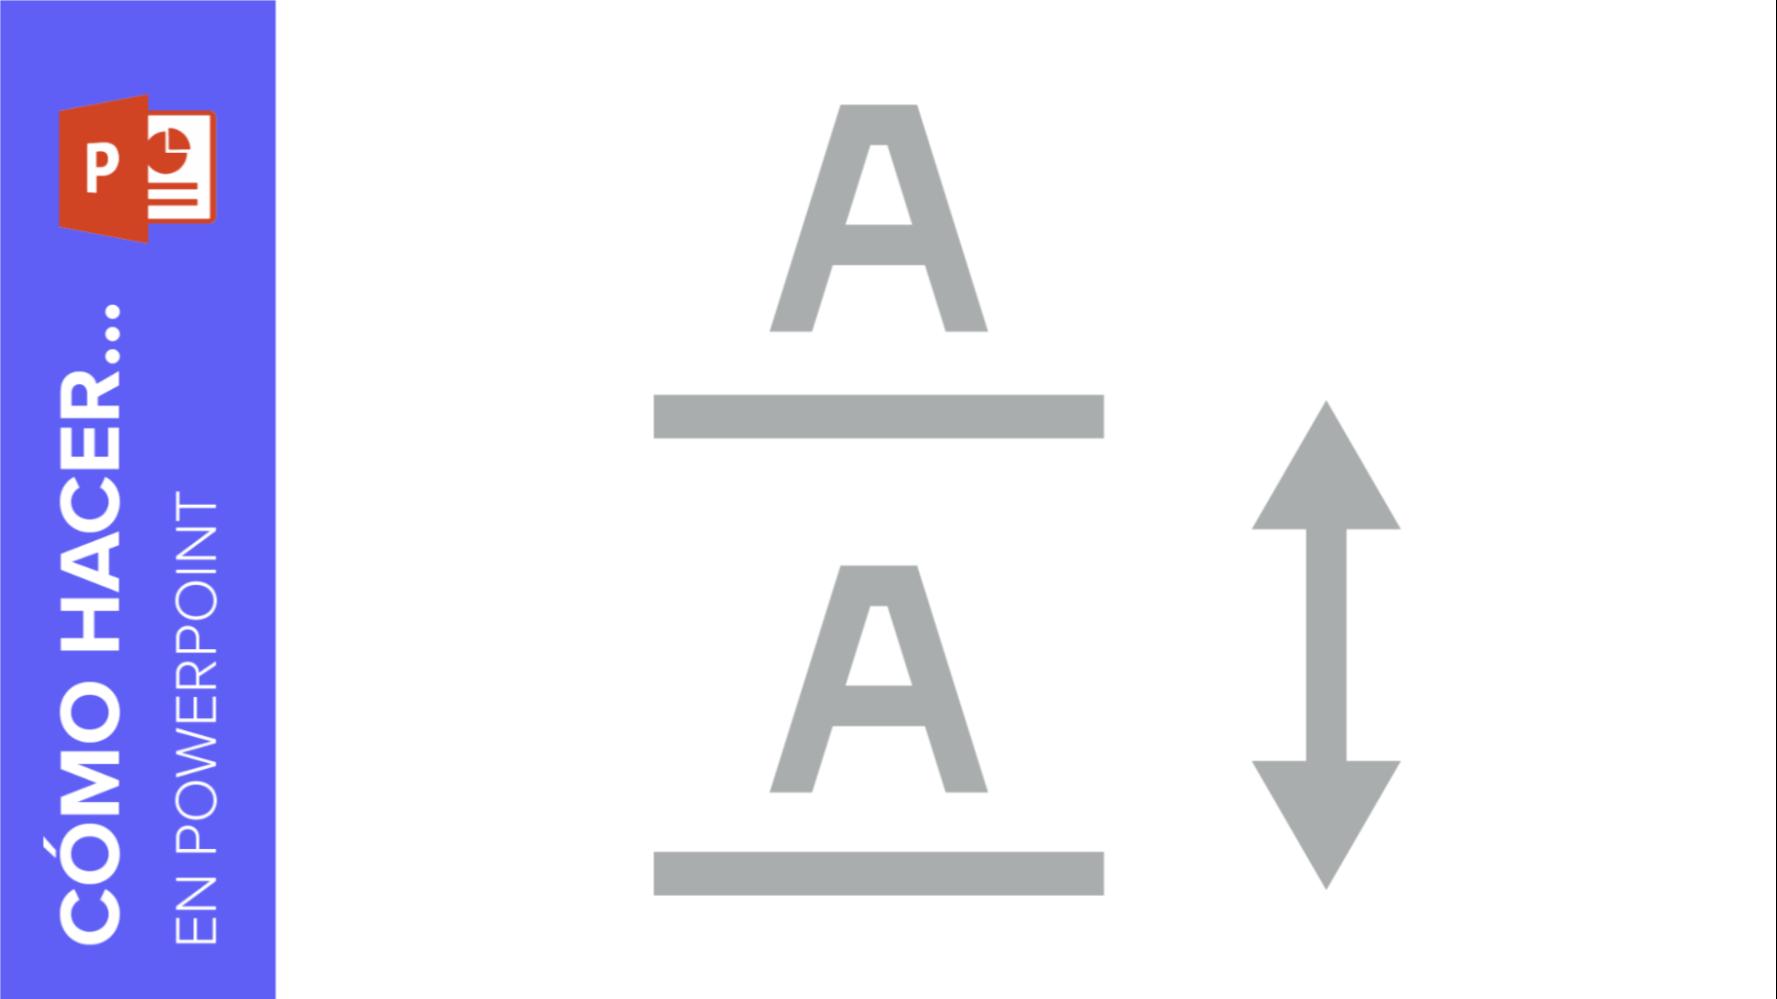 Cómo cambiar la sangría, el espaciado y el interlineado en PowerPoint | Tutoriales y Tips para tus presentaciones